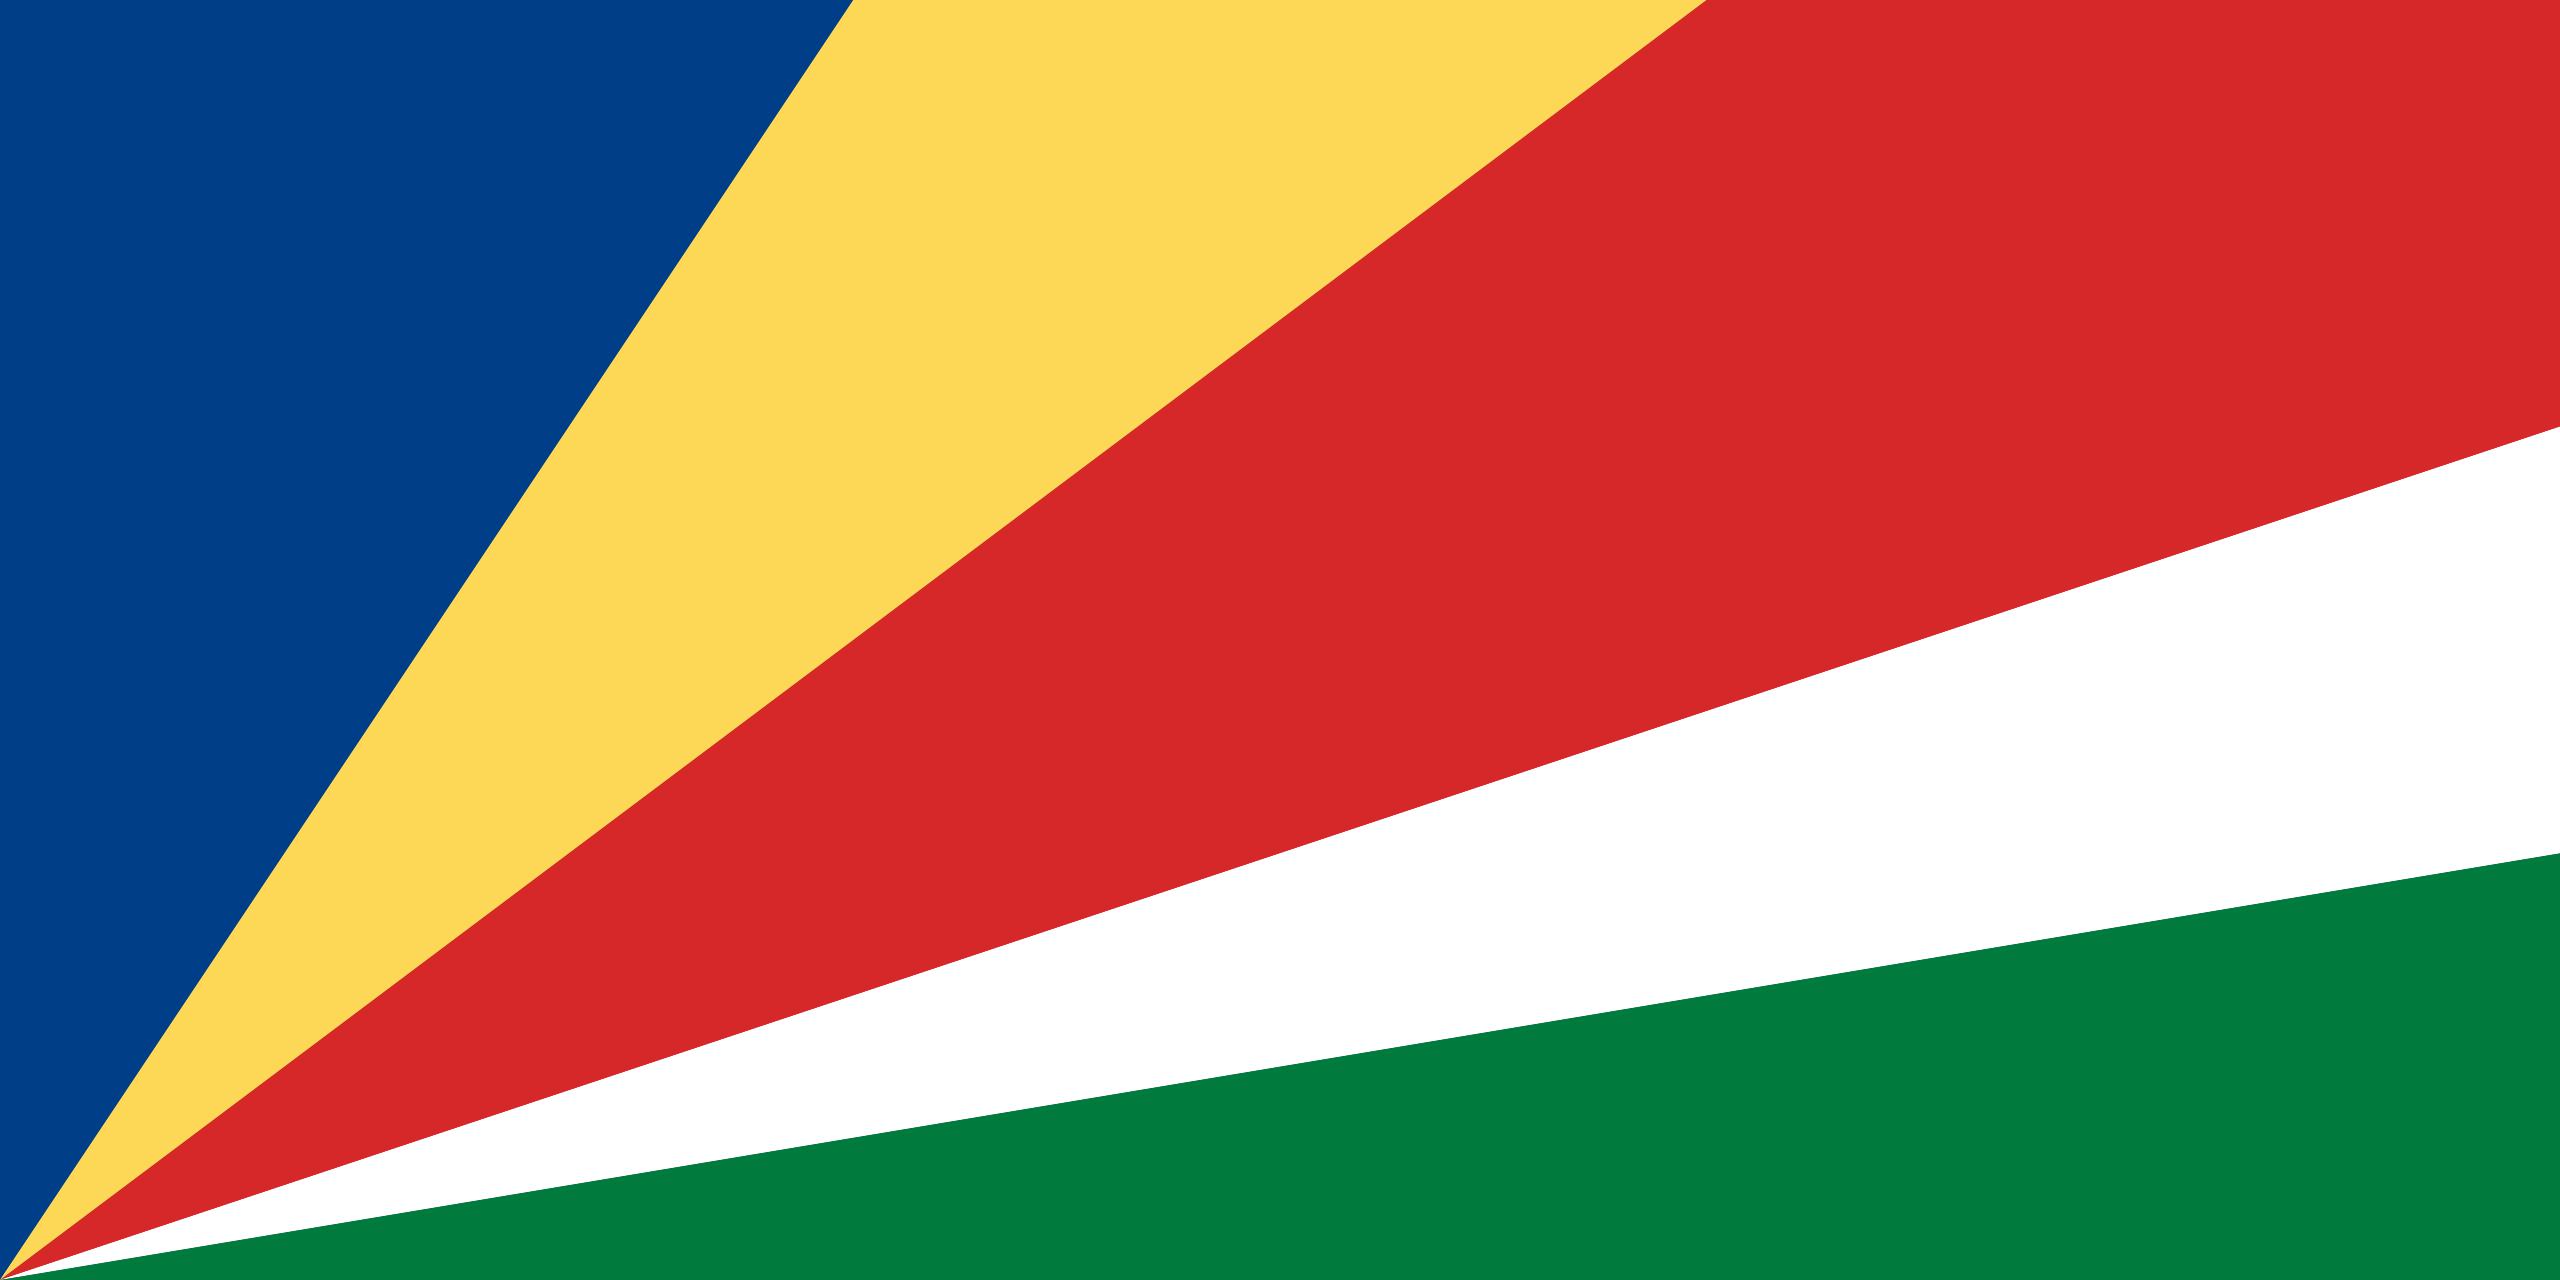 seychelles, país, emblema, insignia, シンボル - HD の壁紙 - 教授-falken.com